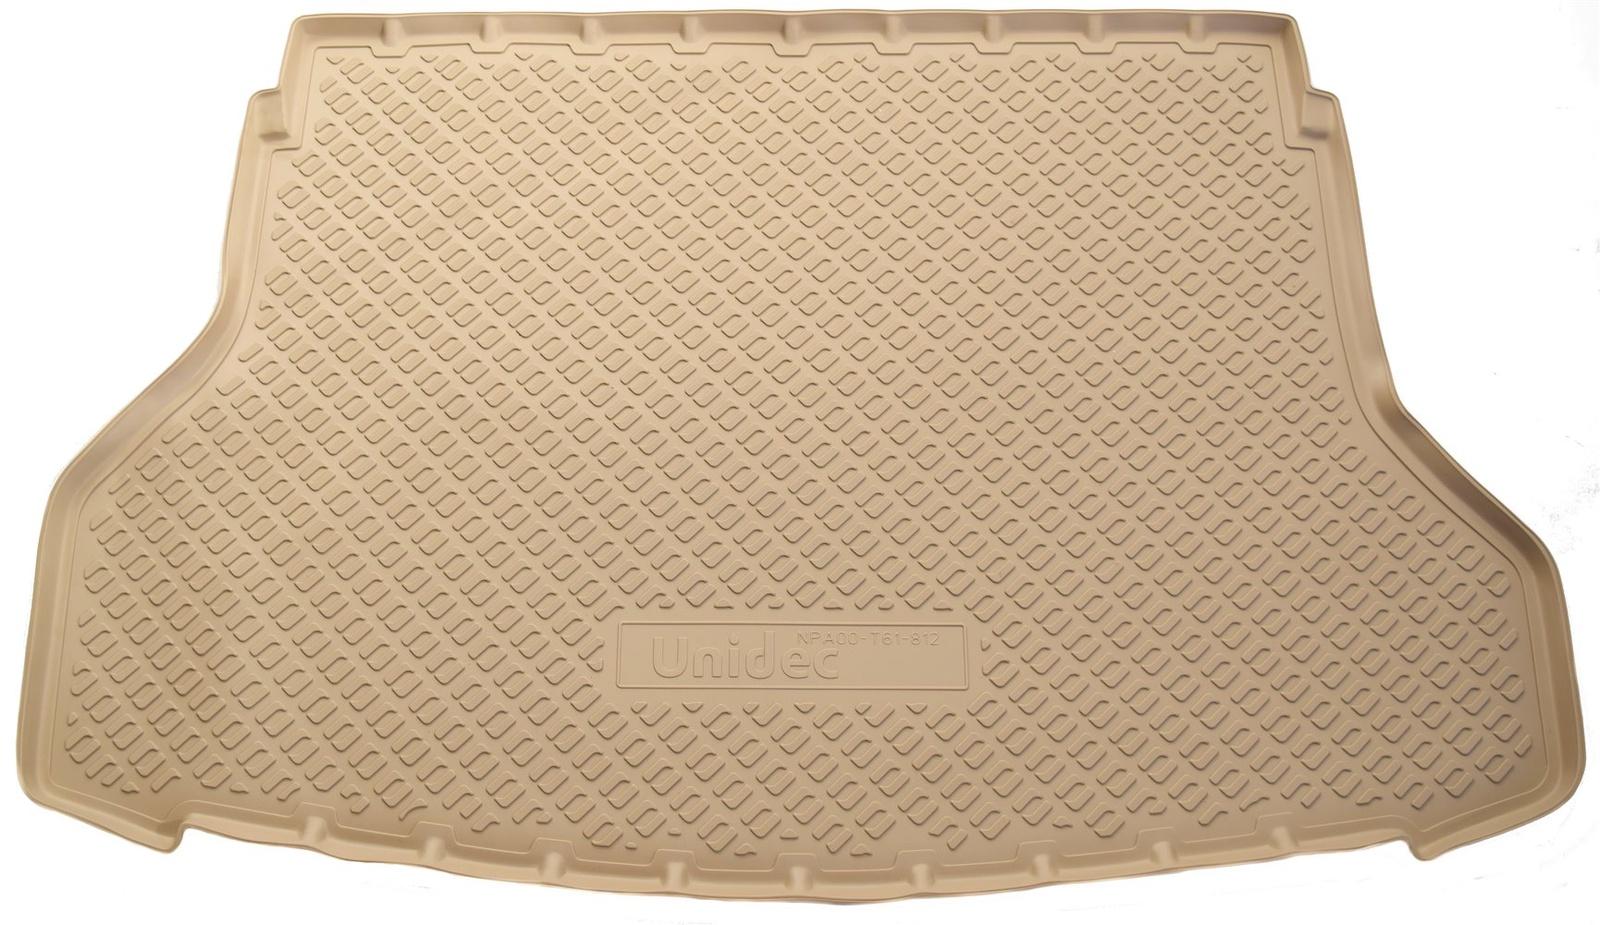 Коврик багажника для subaru outback (wag) (2010) (бежевый) npl-p-84-57-b коврик багажника norplast для jeep grand cherokee wk 2010 npa00 t40 100 b бежевый